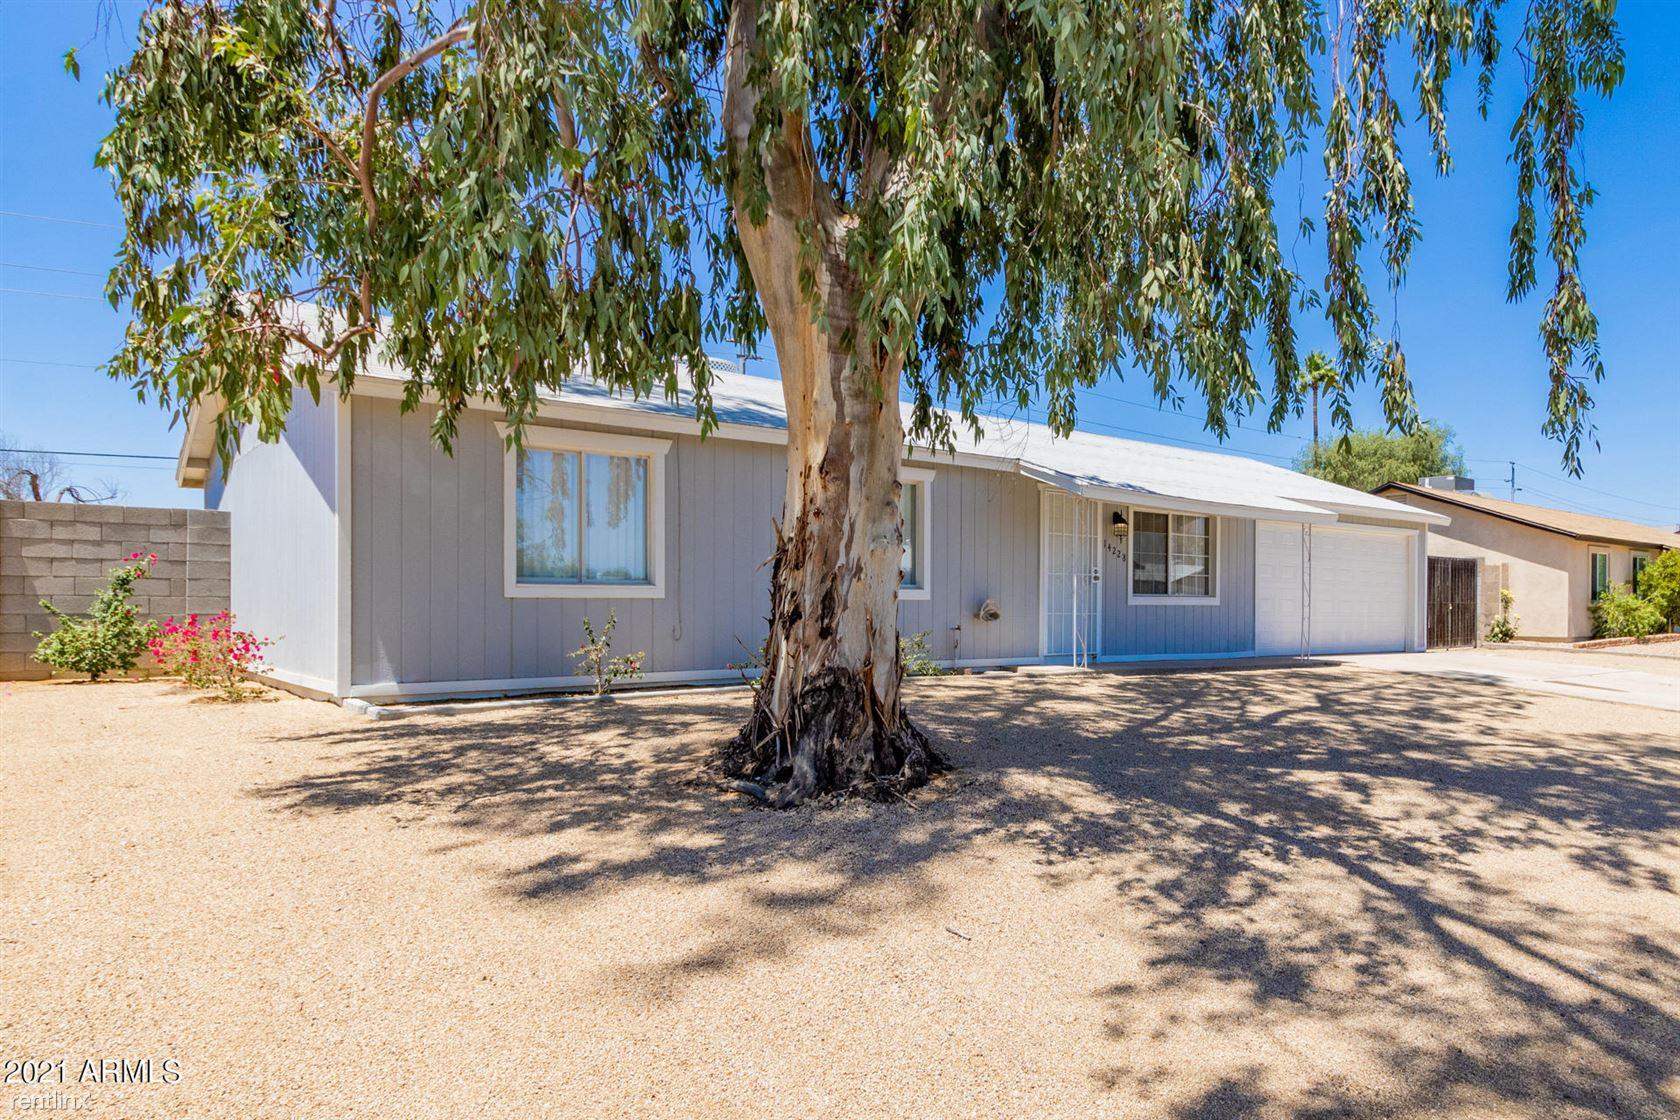 14228 N 40TH Place, Phoenix, AZ - 2,535 USD/ month